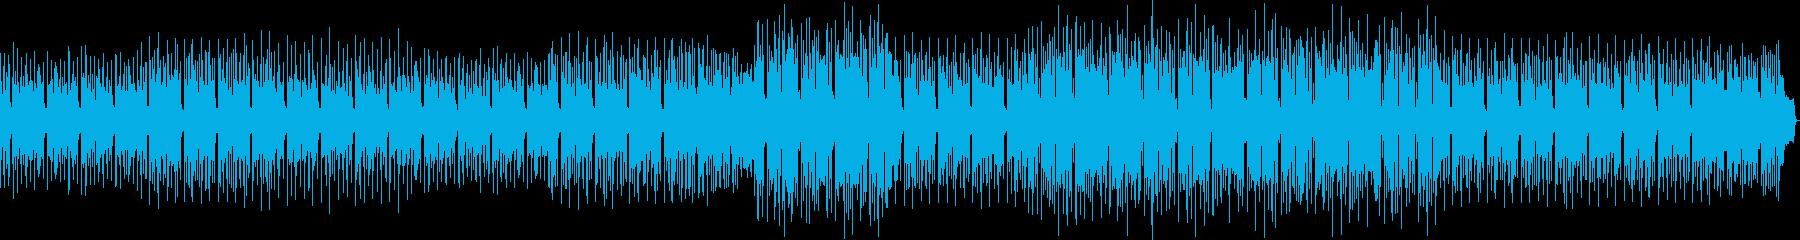 不思議な感じの曲の再生済みの波形